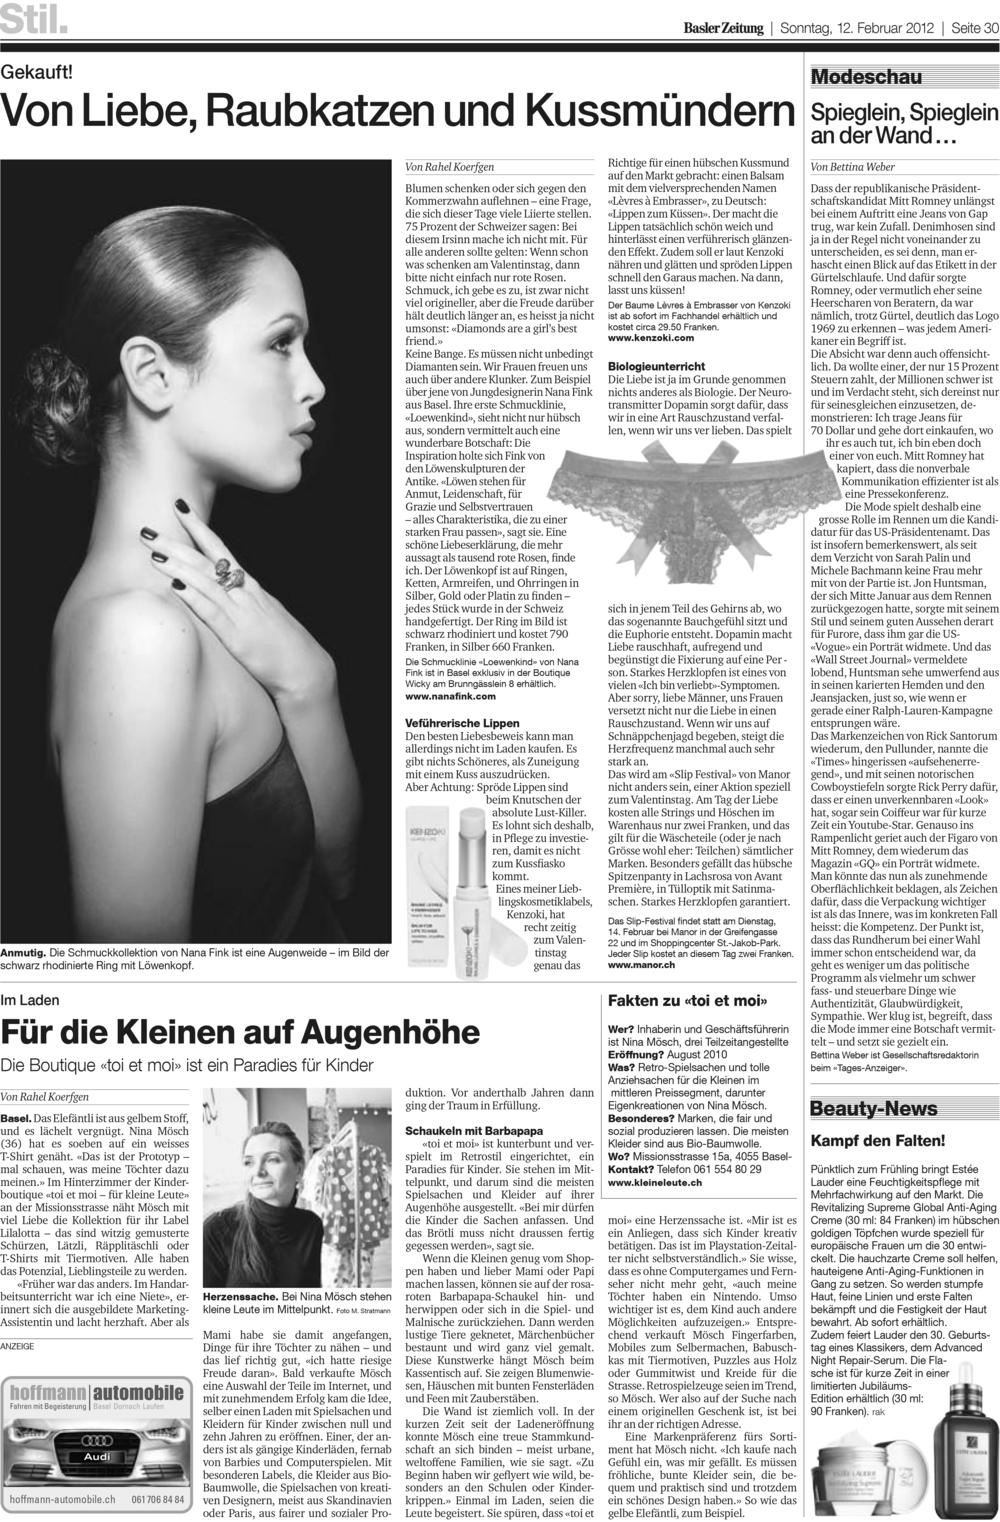 Basler Zeitung, Februar 2012